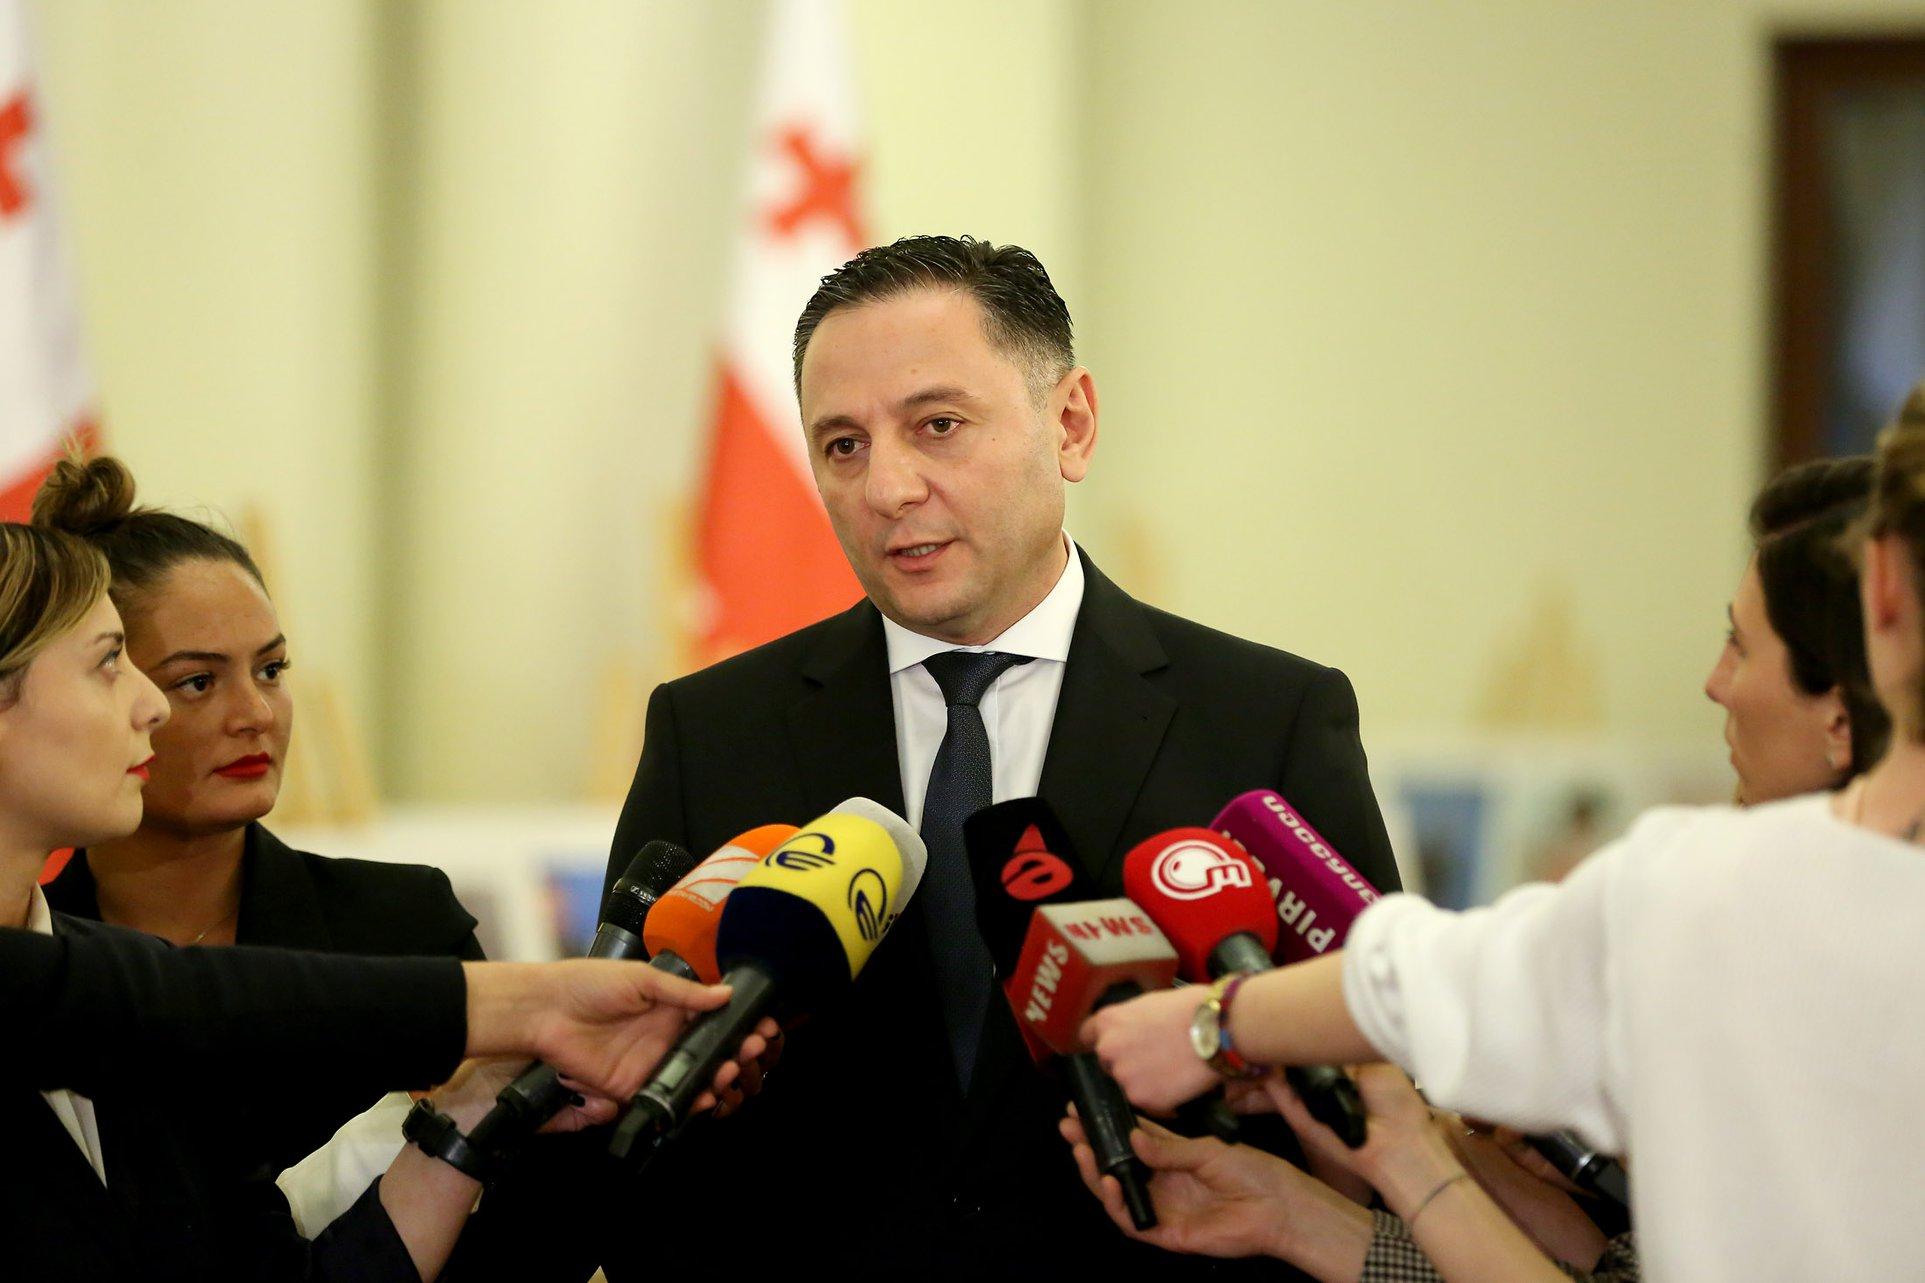 Vakhtang Gomelauri 2 министерство внутренних дел министерство внутренних дел